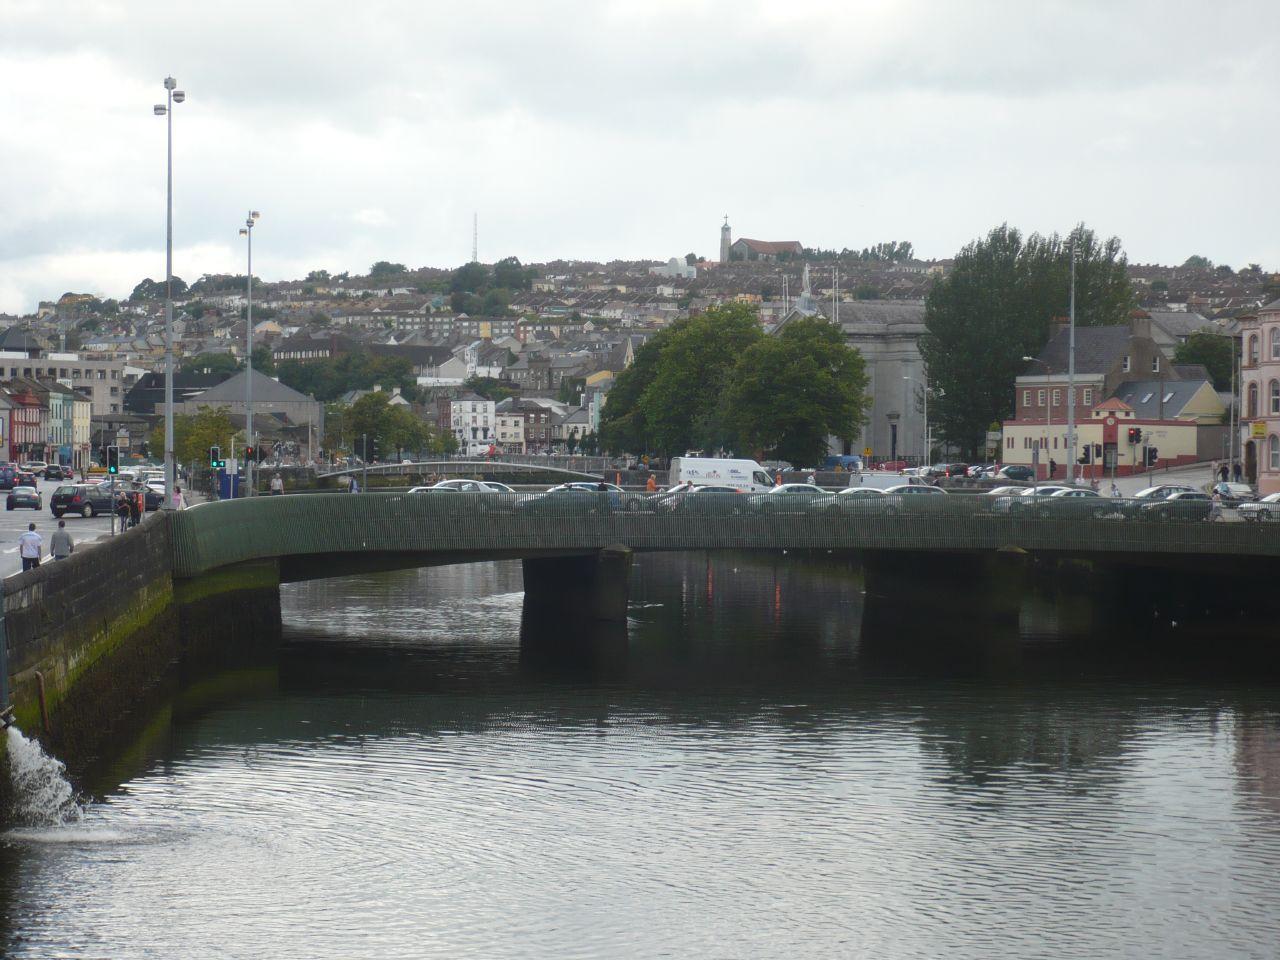 el puente paralelo a la derecha